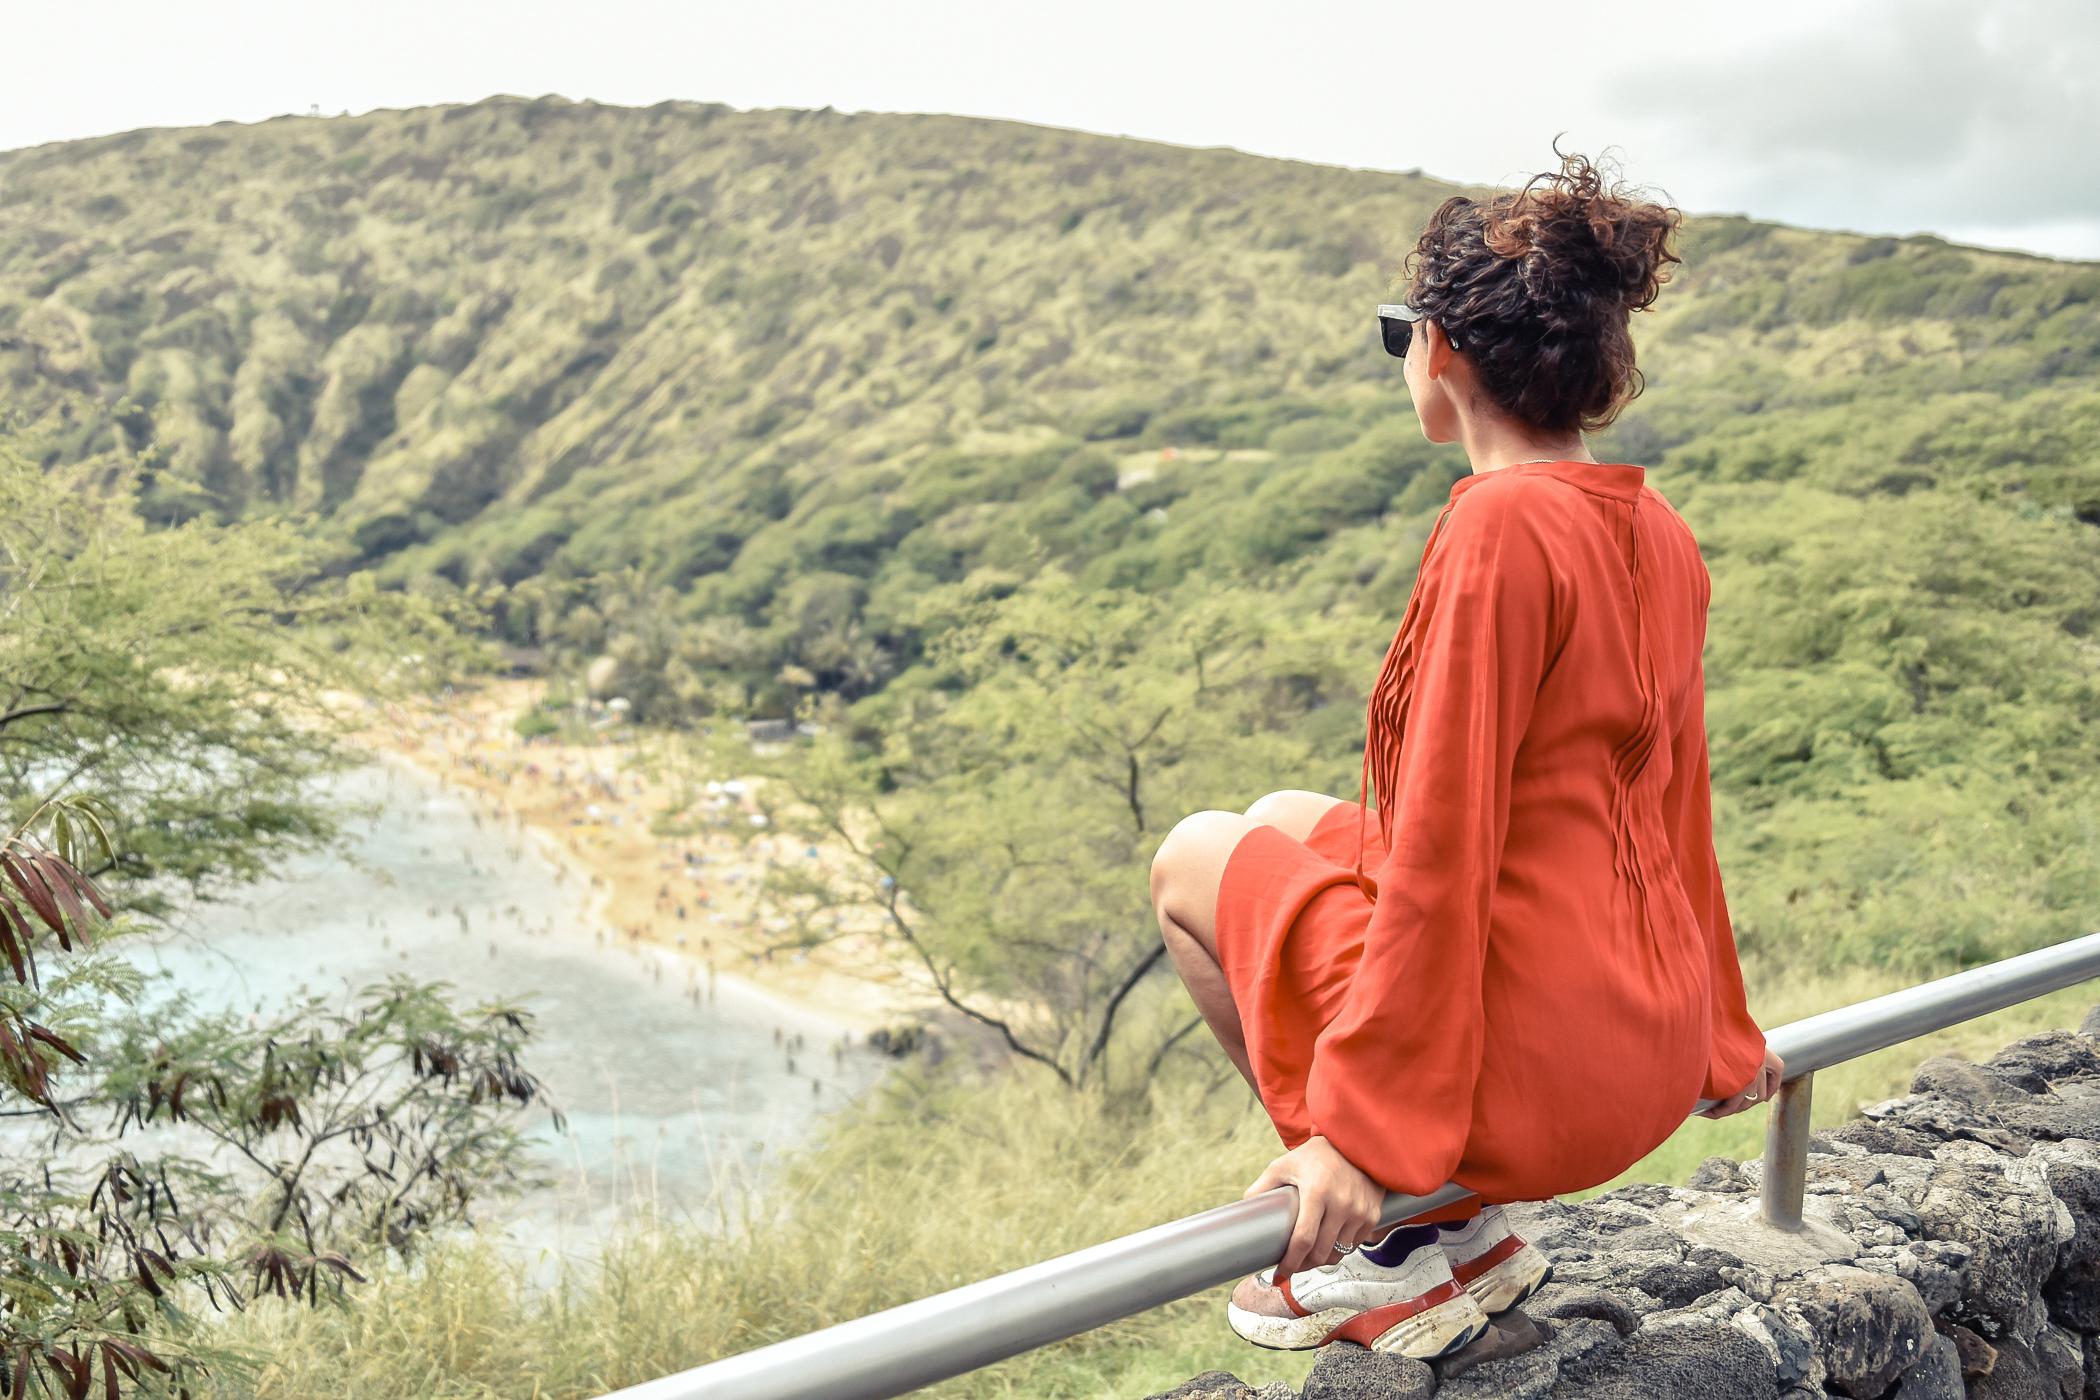 5-el-blog-de-silvia-viaje-hawaii-oahu-vestido-naranja